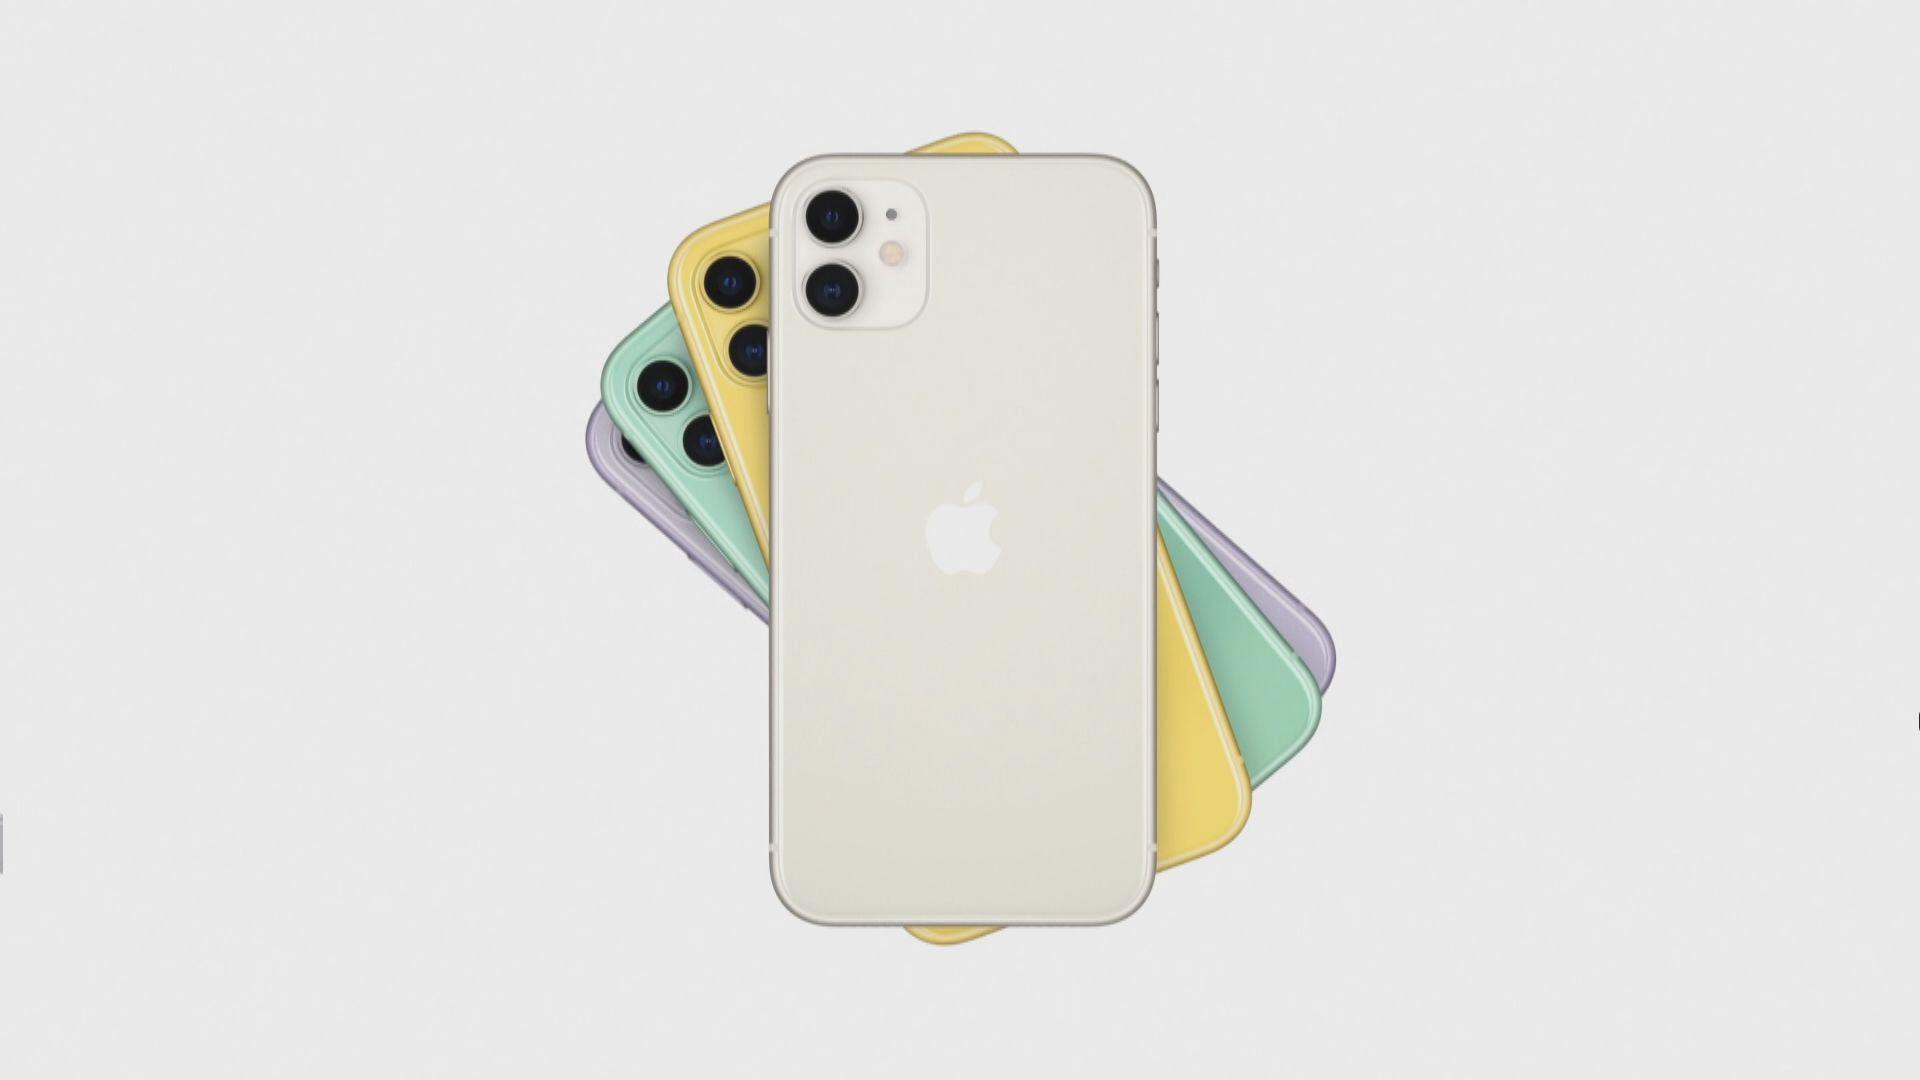 傳蘋果於本月13日發布iPhone12